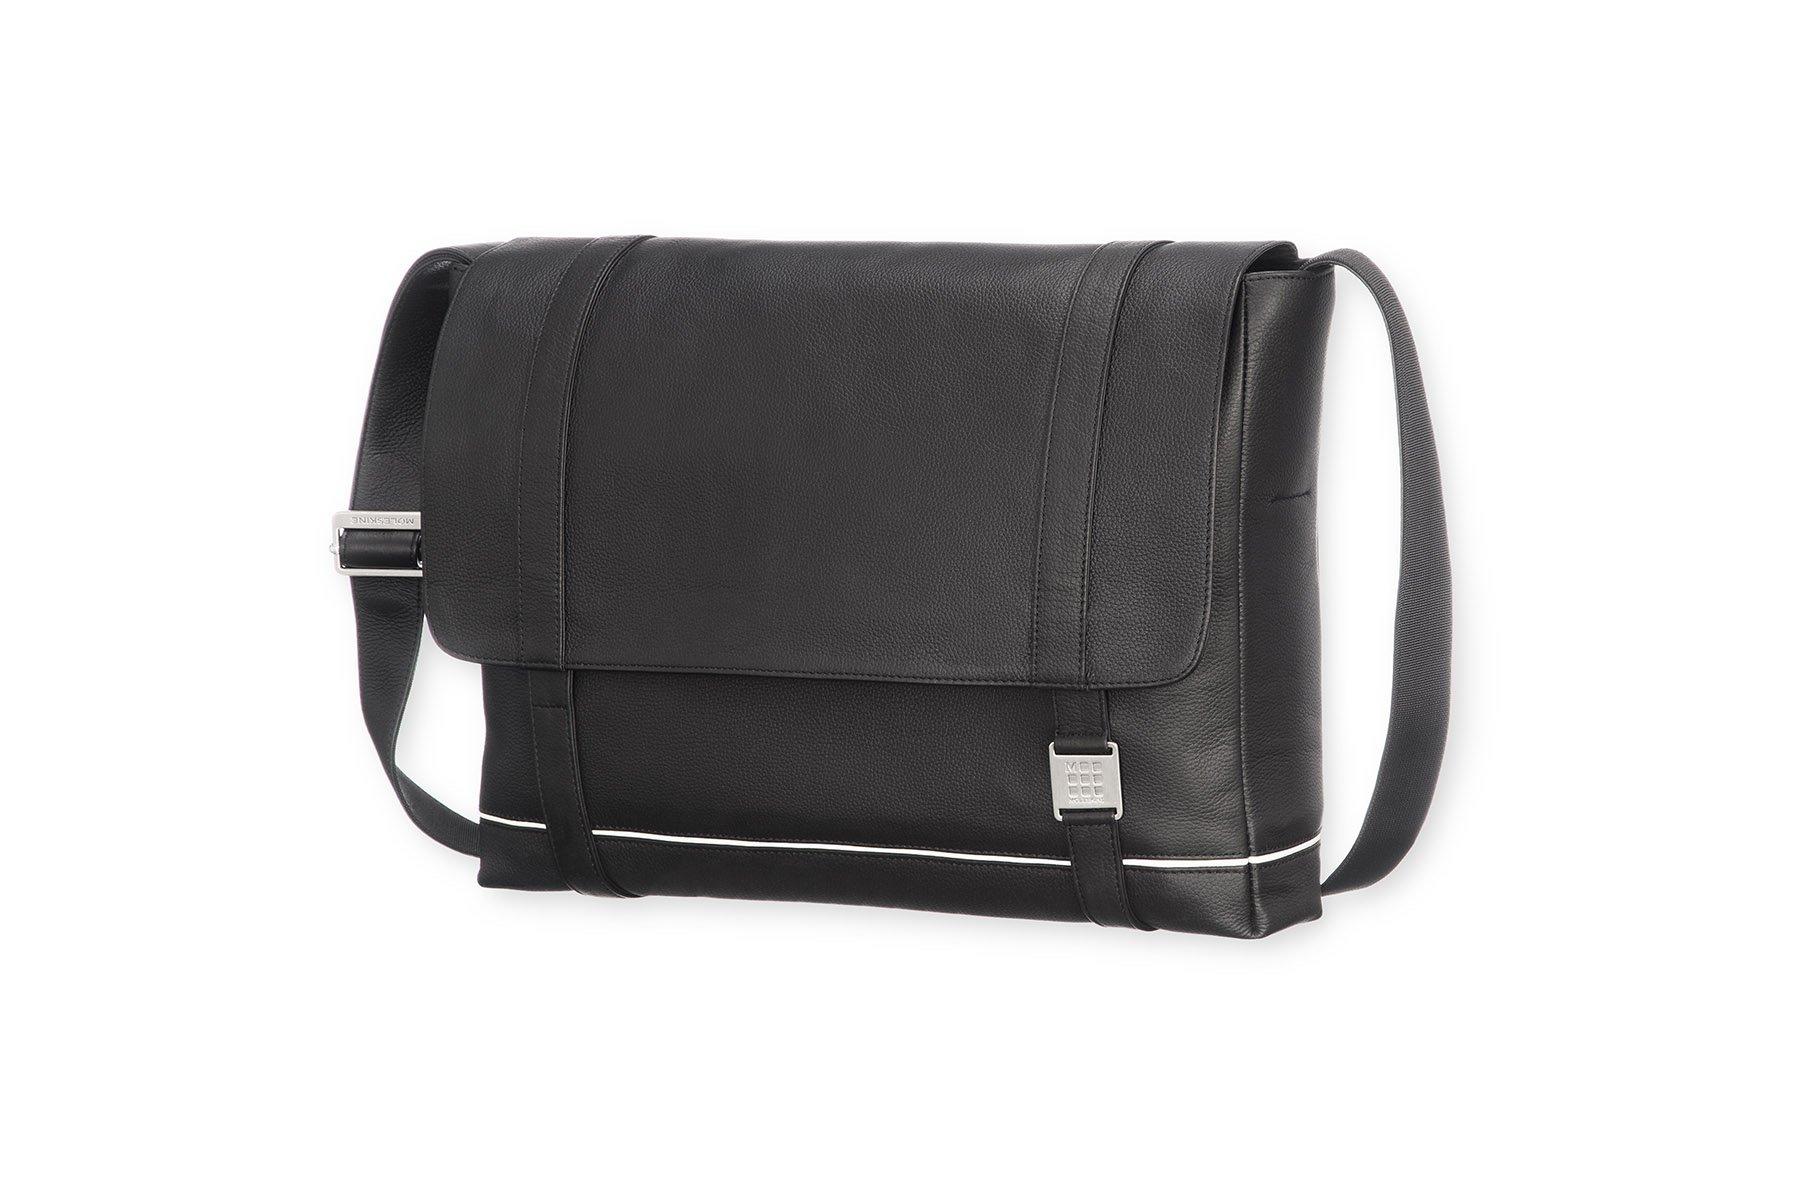 Moleskine Lineage Messenger Bag, Leather, Black